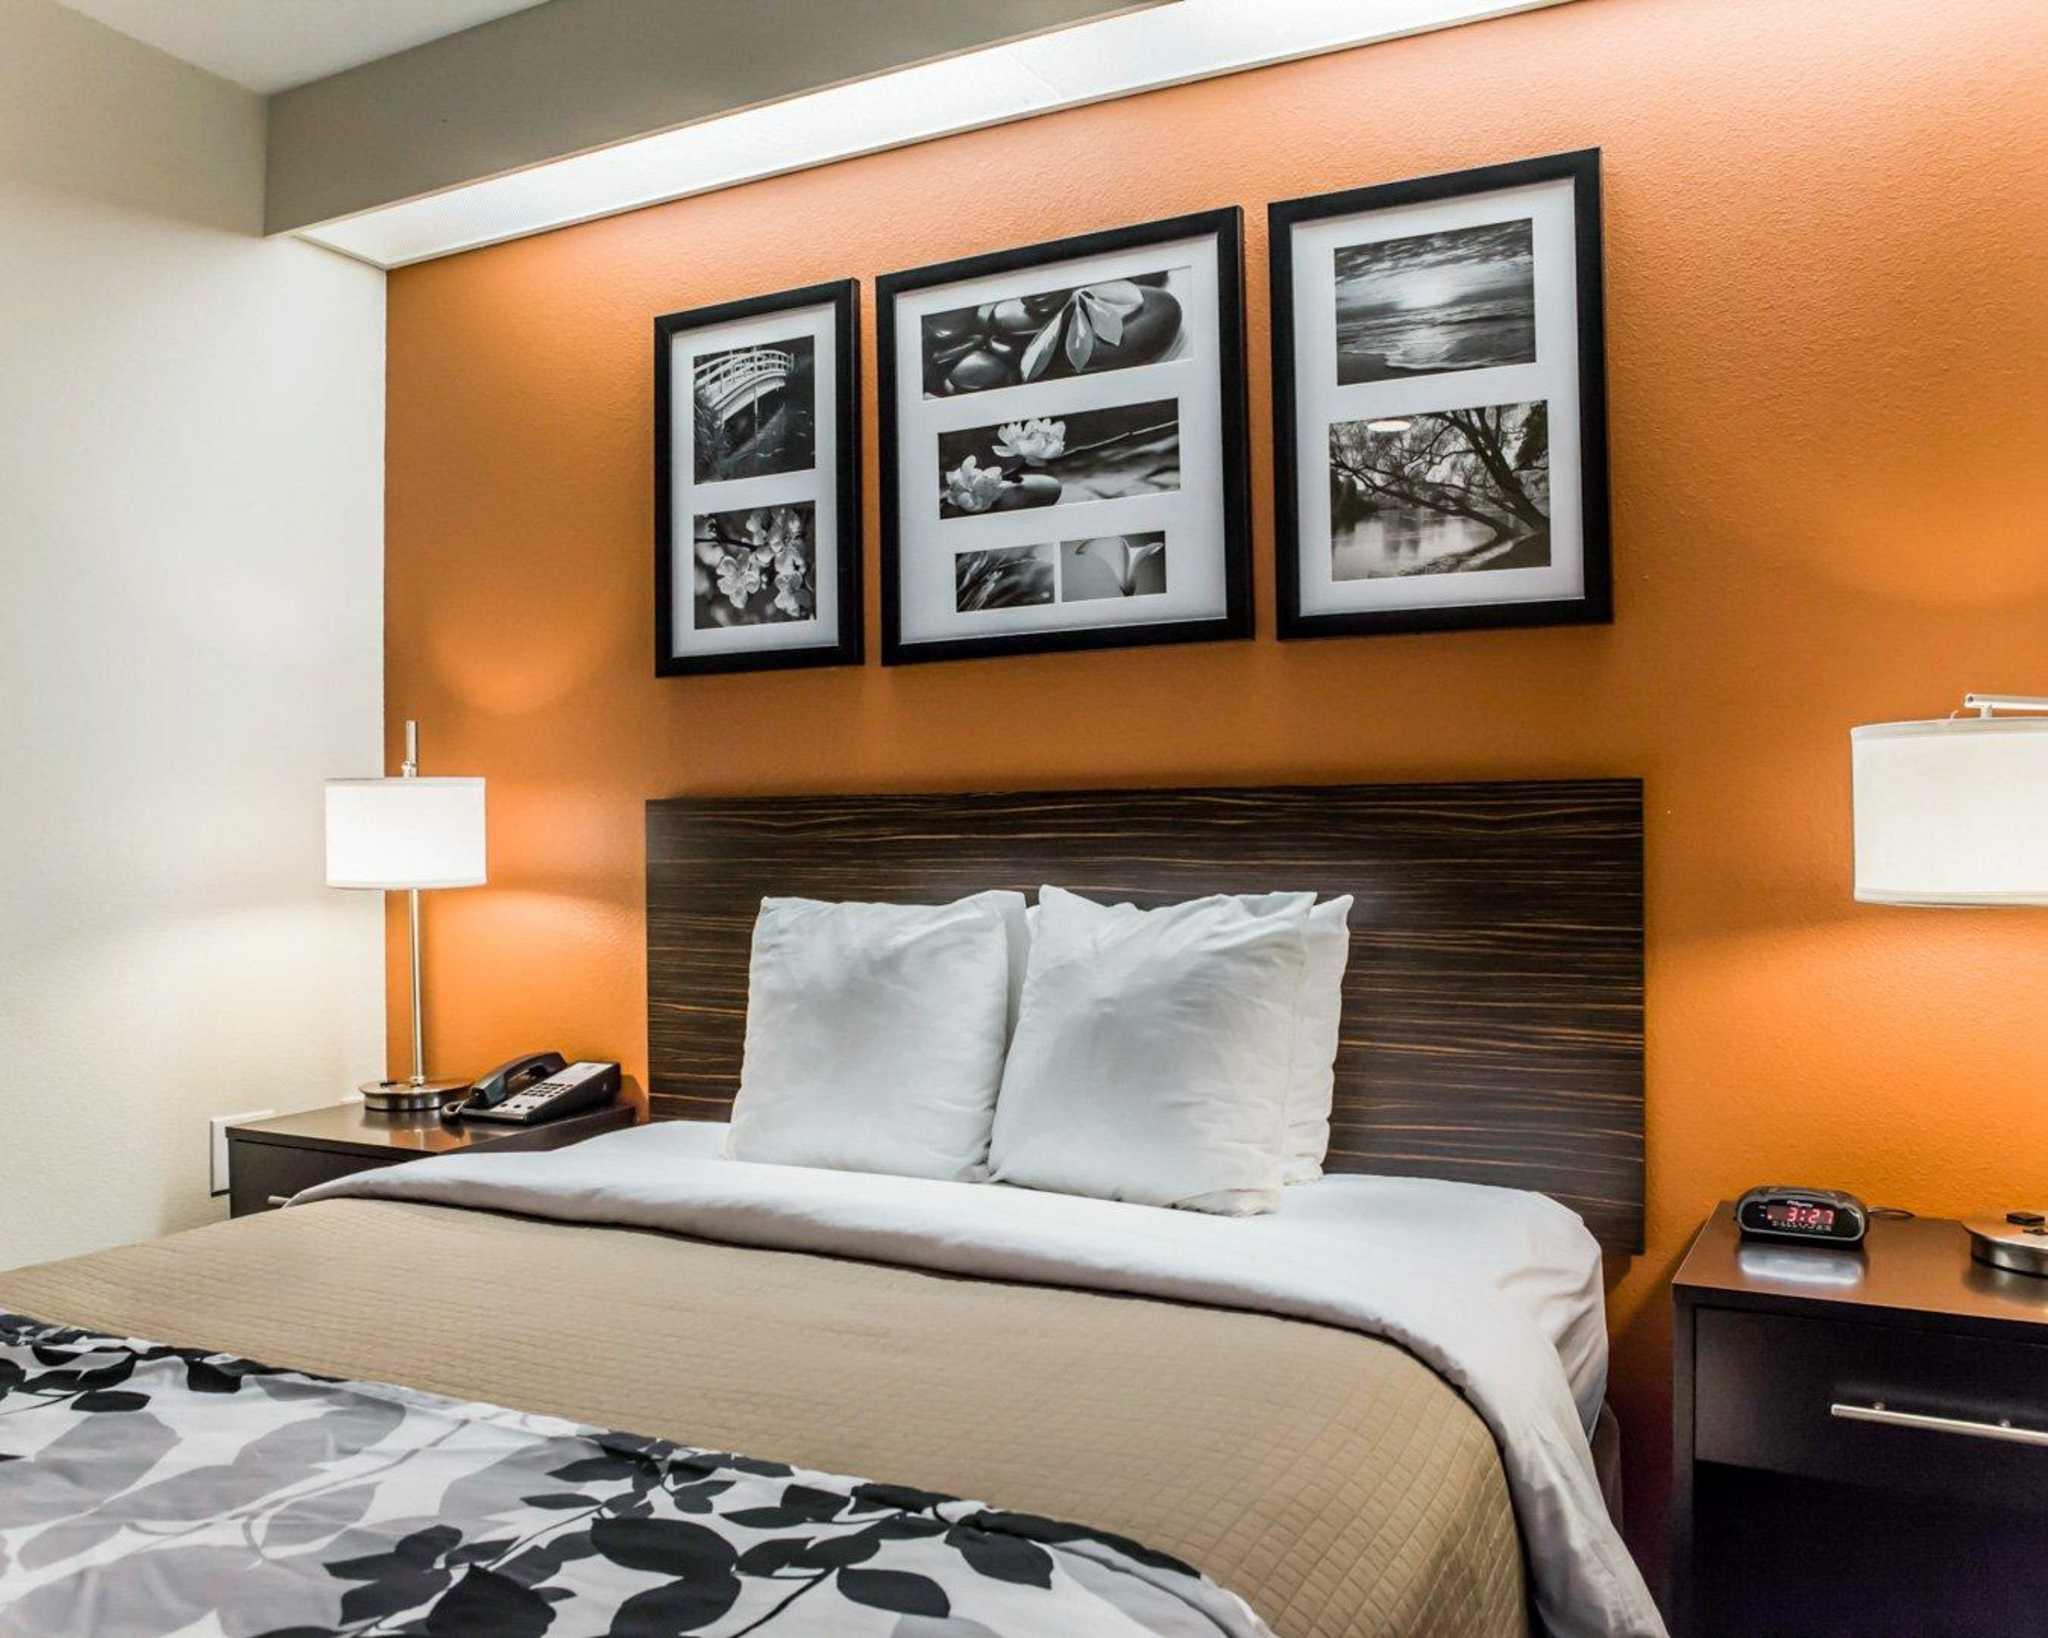 Sleep Inn image 16